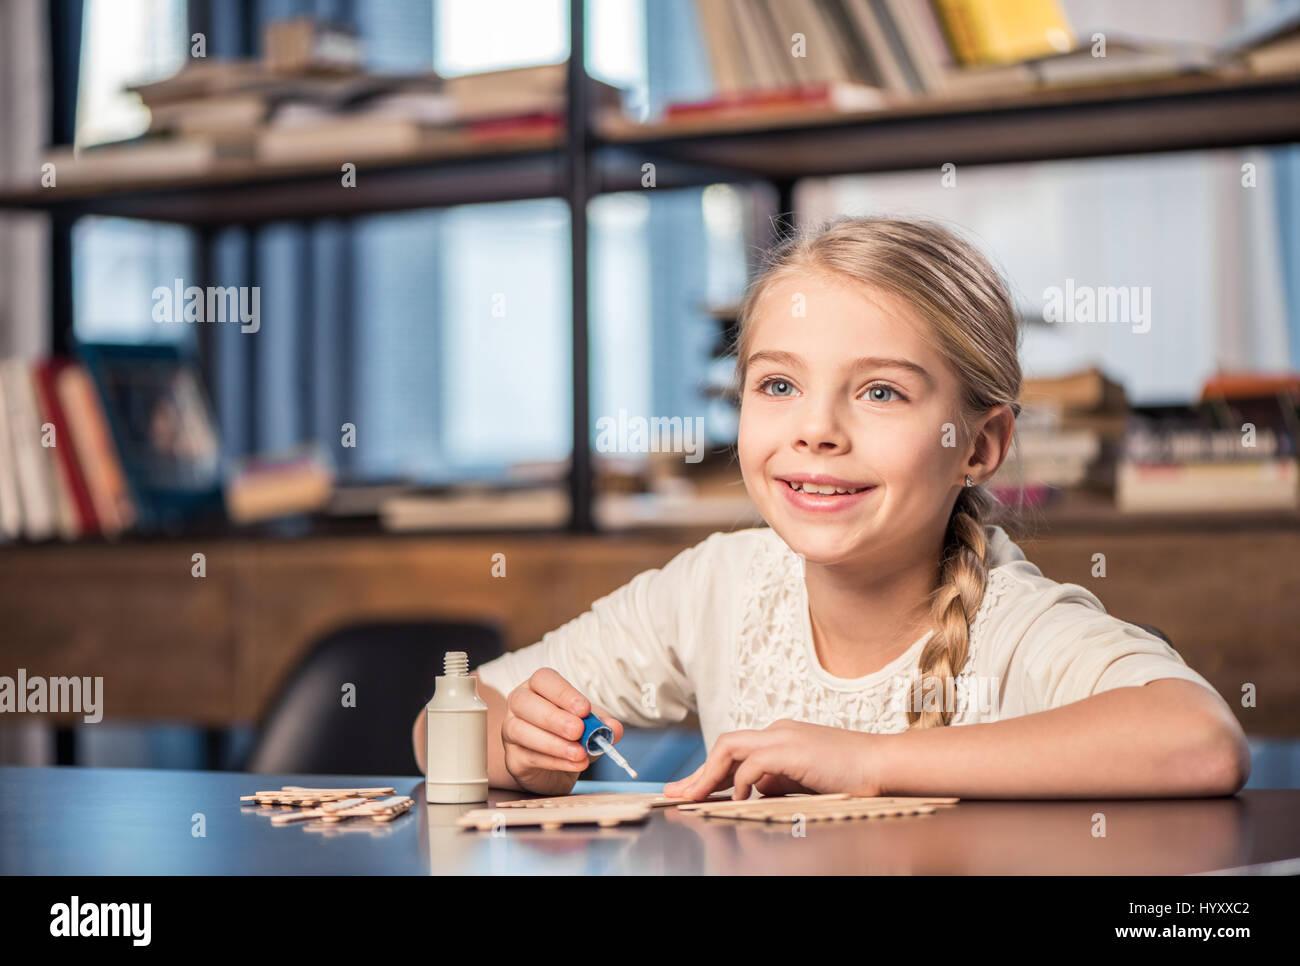 Smiling little girl la fabrication de crème glacée avec des bâtons et d'une colle Photo Stock